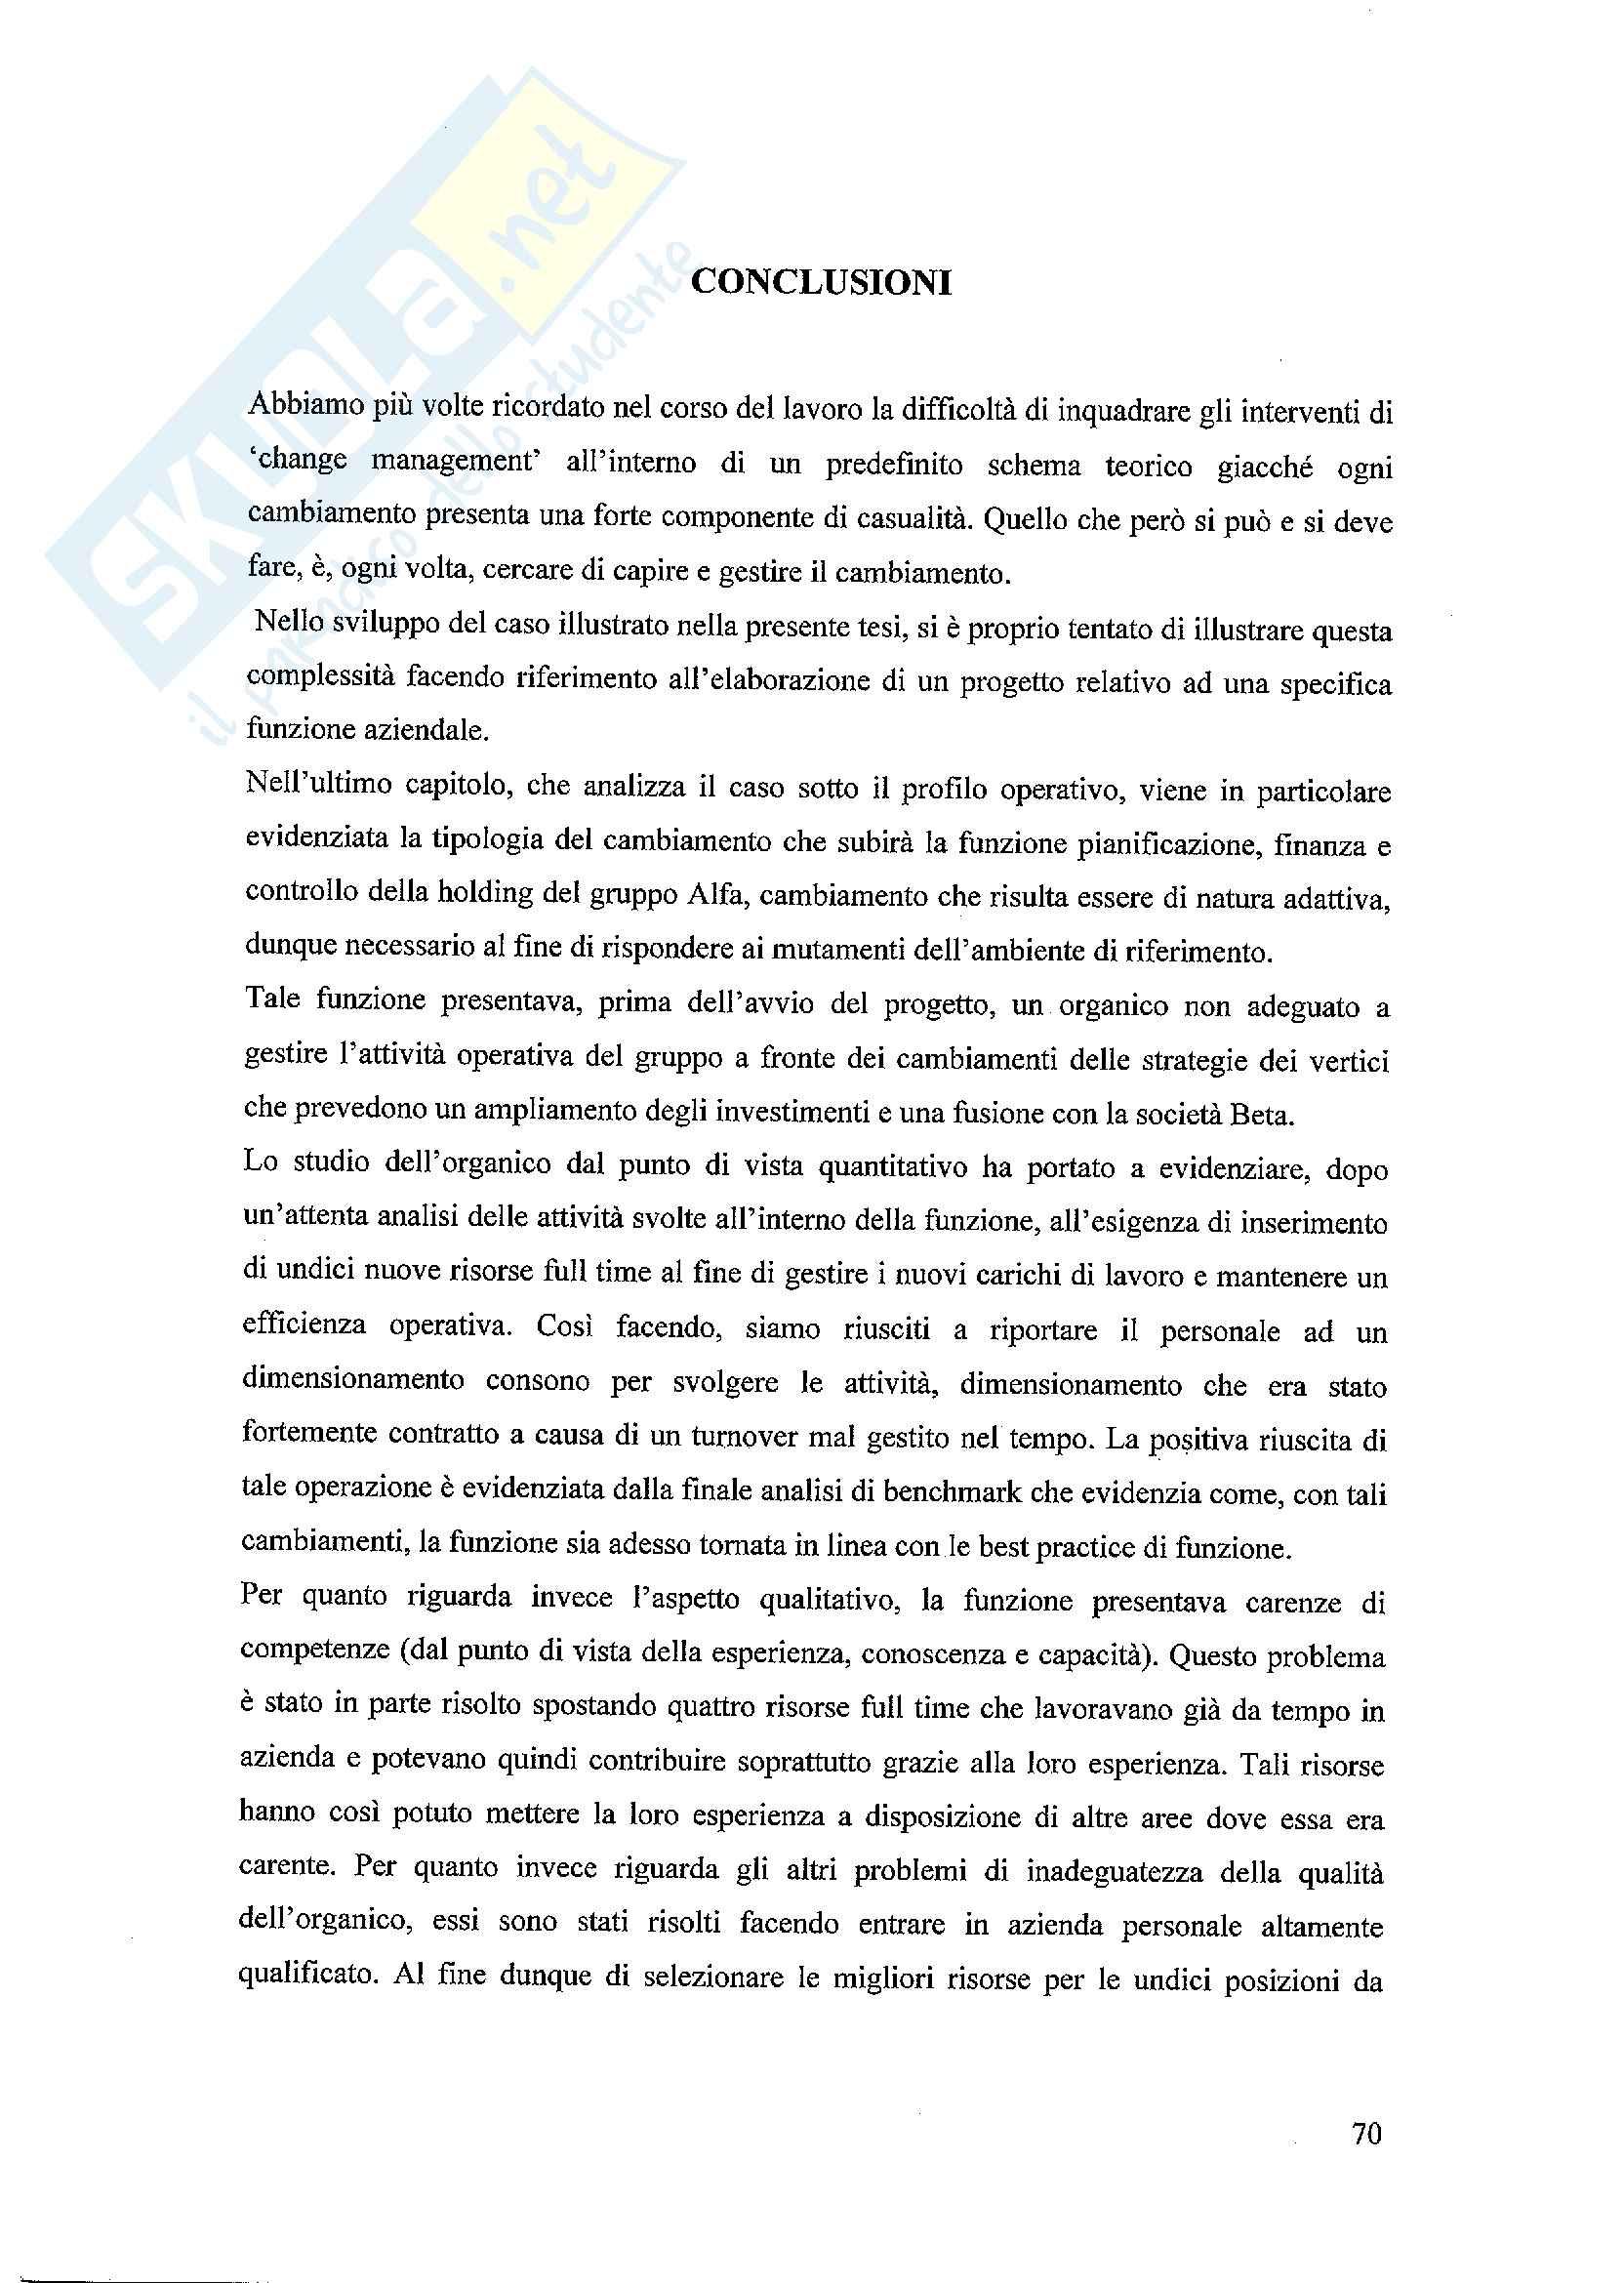 Tesi - Il cambiamento organizzativo e le risorse umane. il caso di una società di gestione aeroportuale Pag. 71